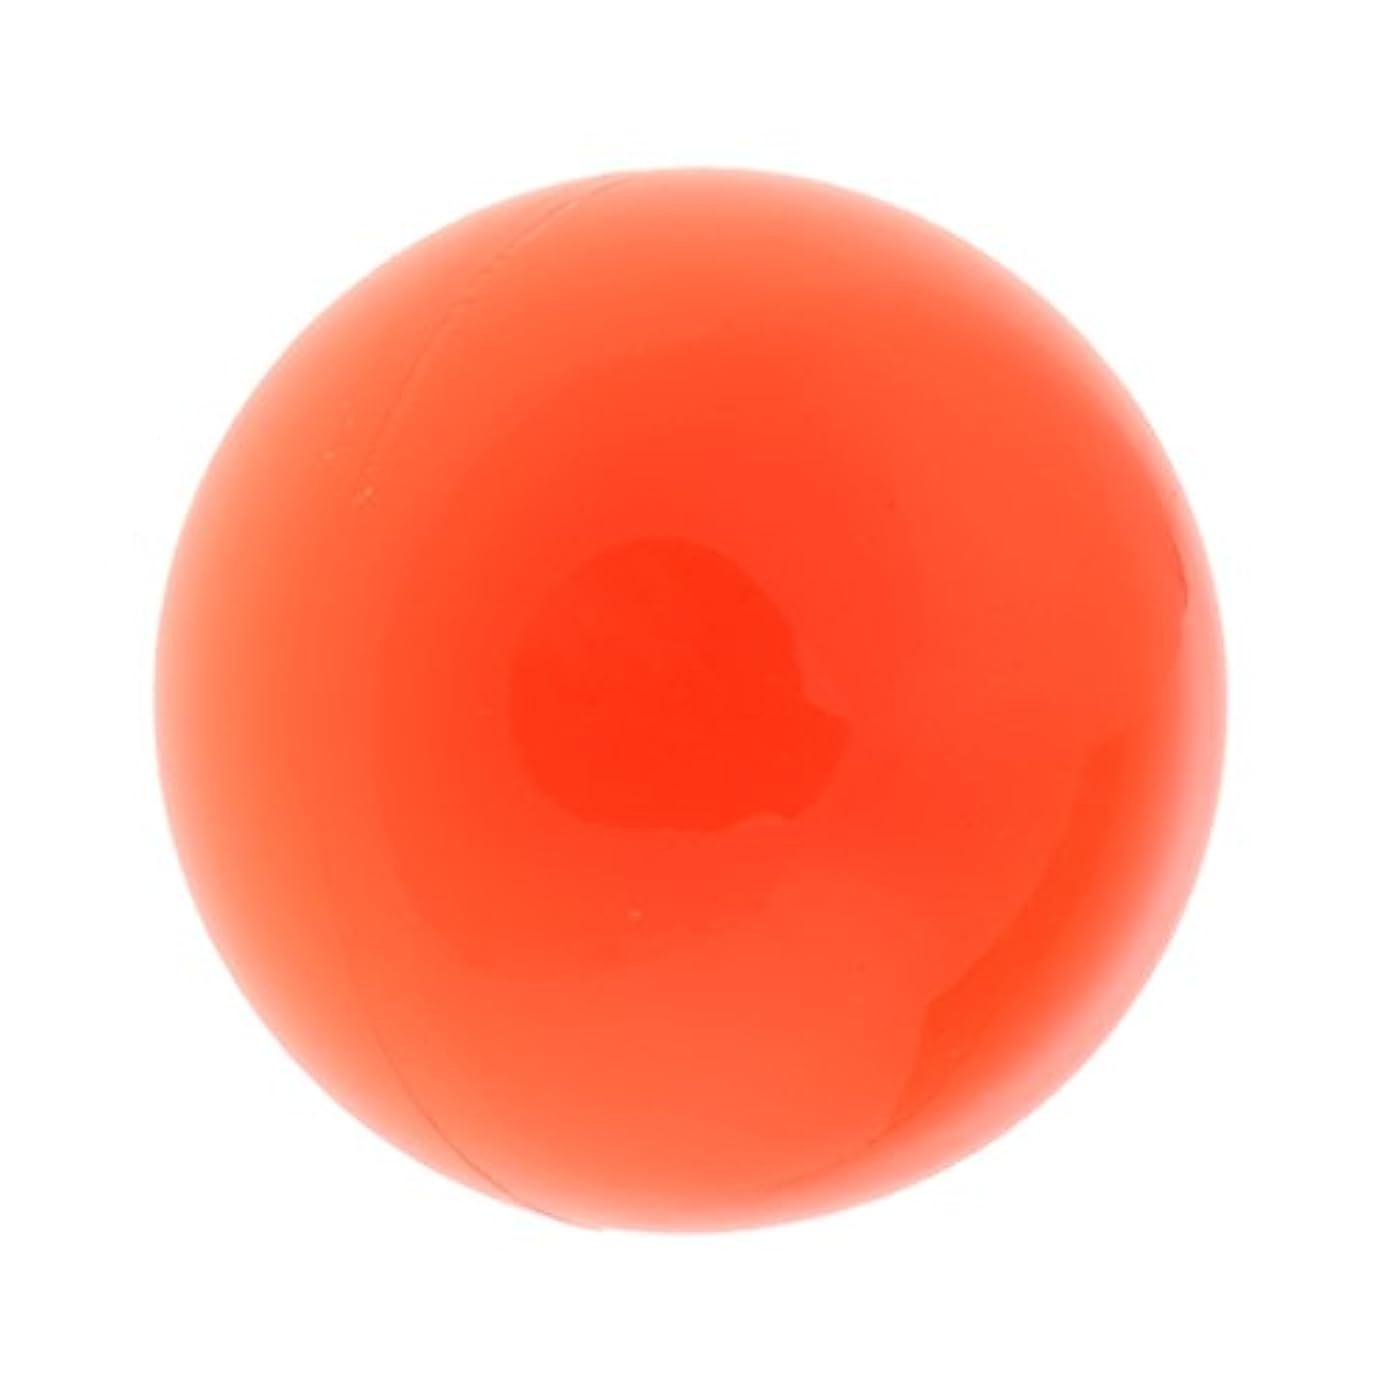 解決反発する教養があるFenteer ラクロスマッサージボール マッサージボール マッサージ 手のひら 足 腕 首 背中 足首 ジム ホーム 便利 オレンジ